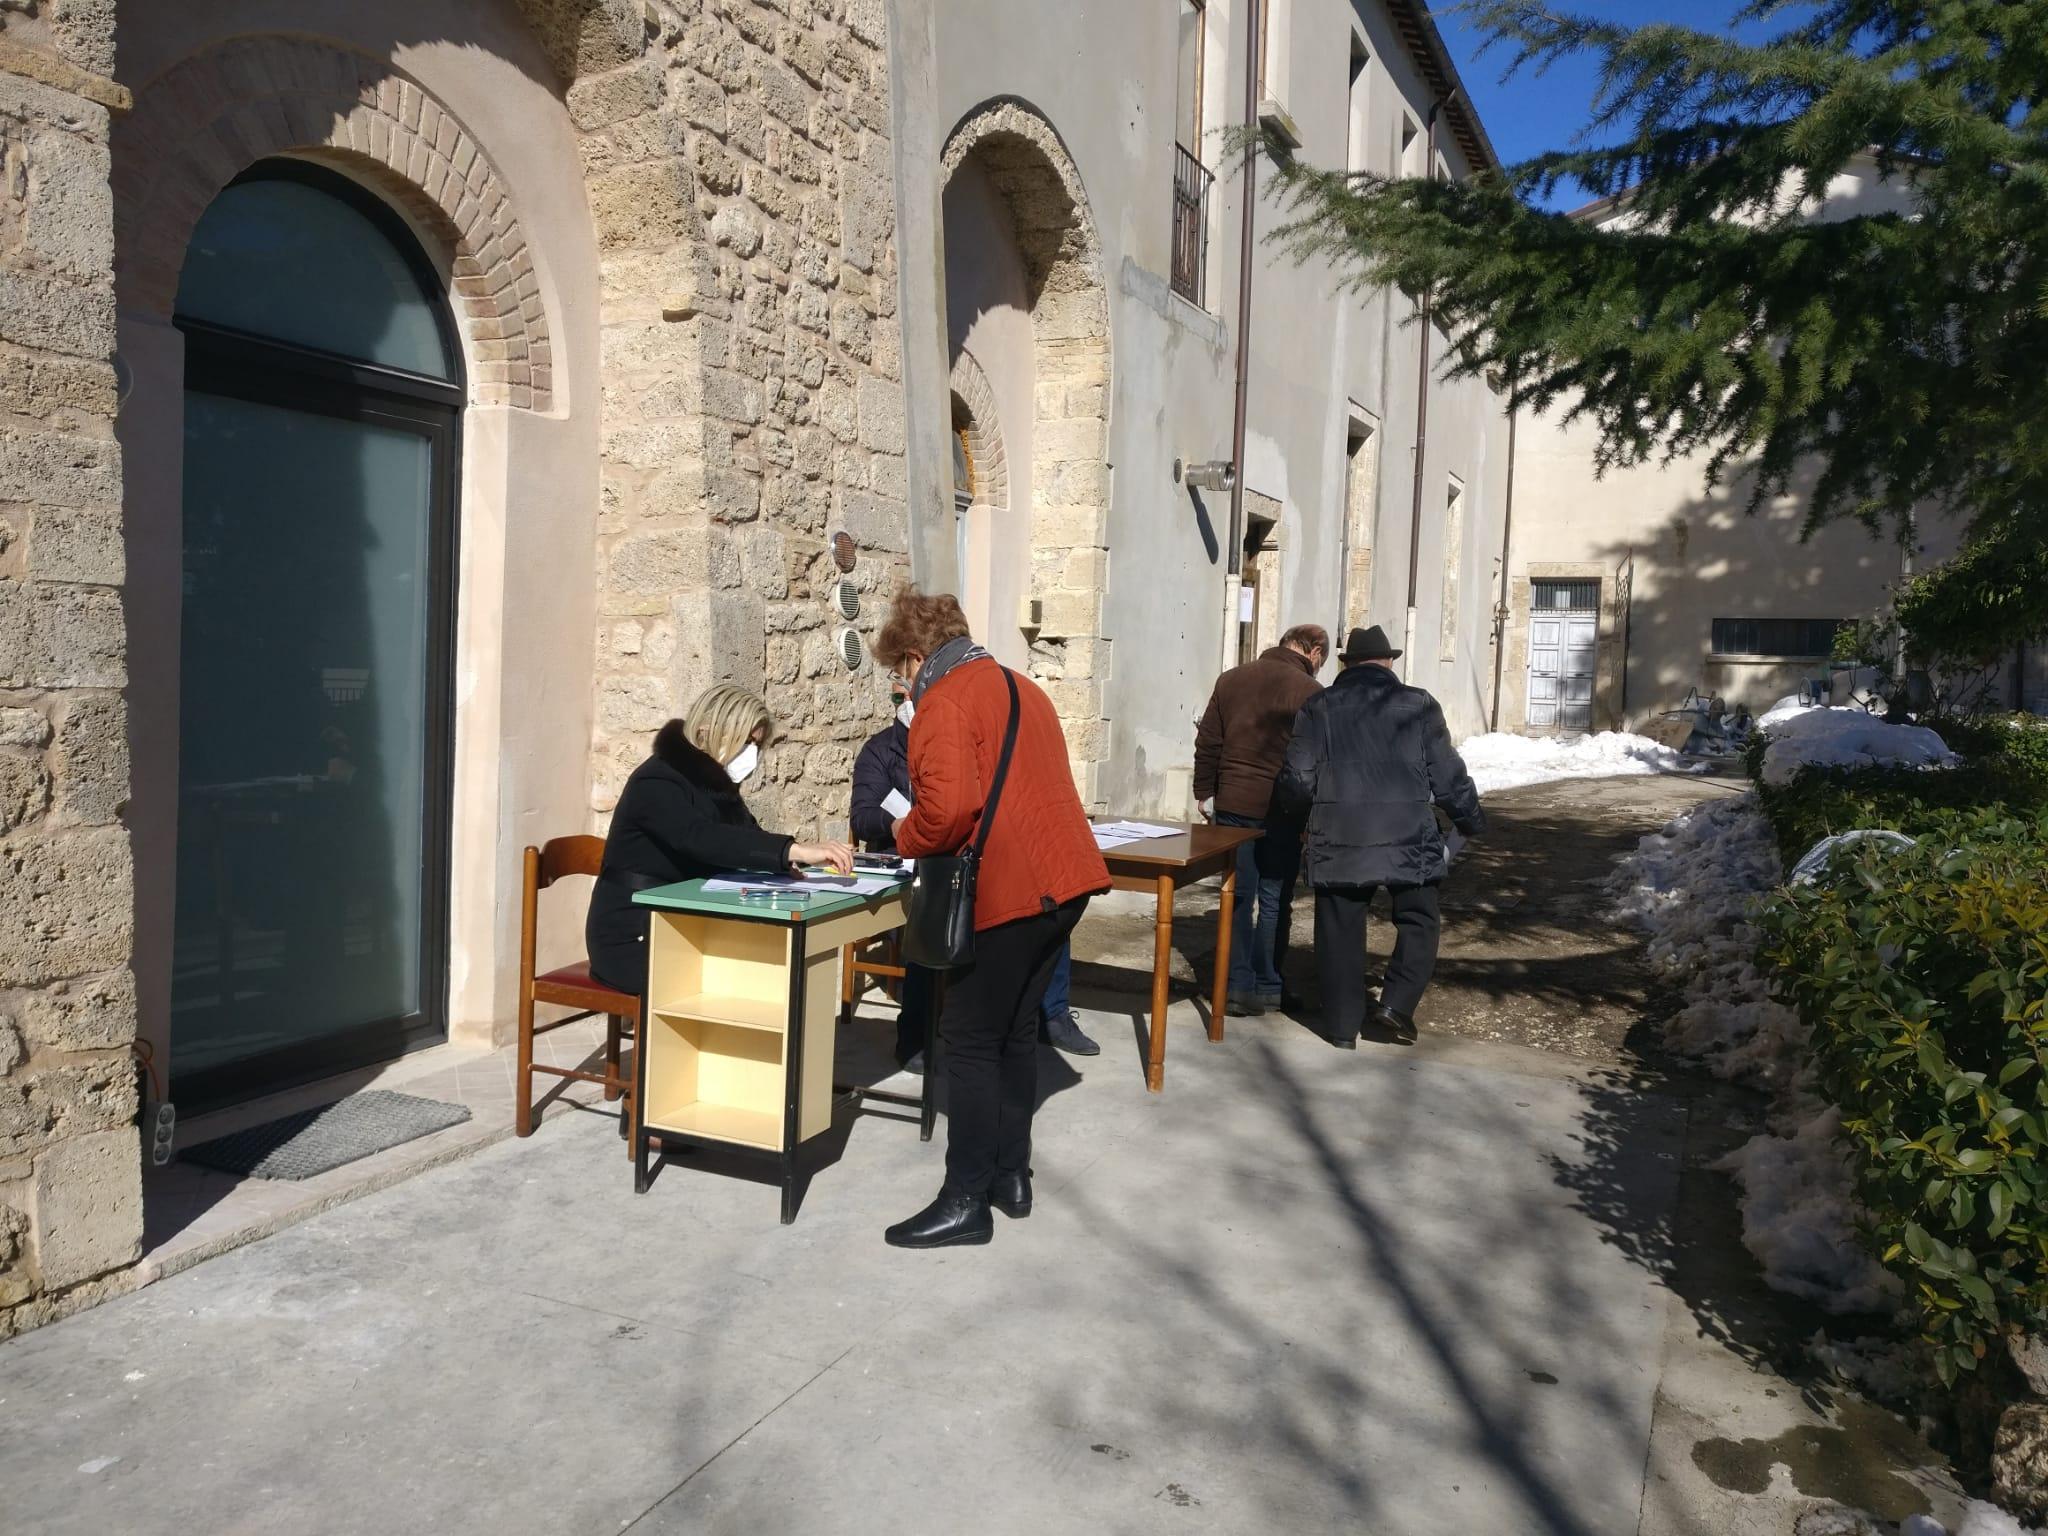 533 casi di Covid-19 oggi in Abruzzo, 3367 i tamponi molecolari analizzati